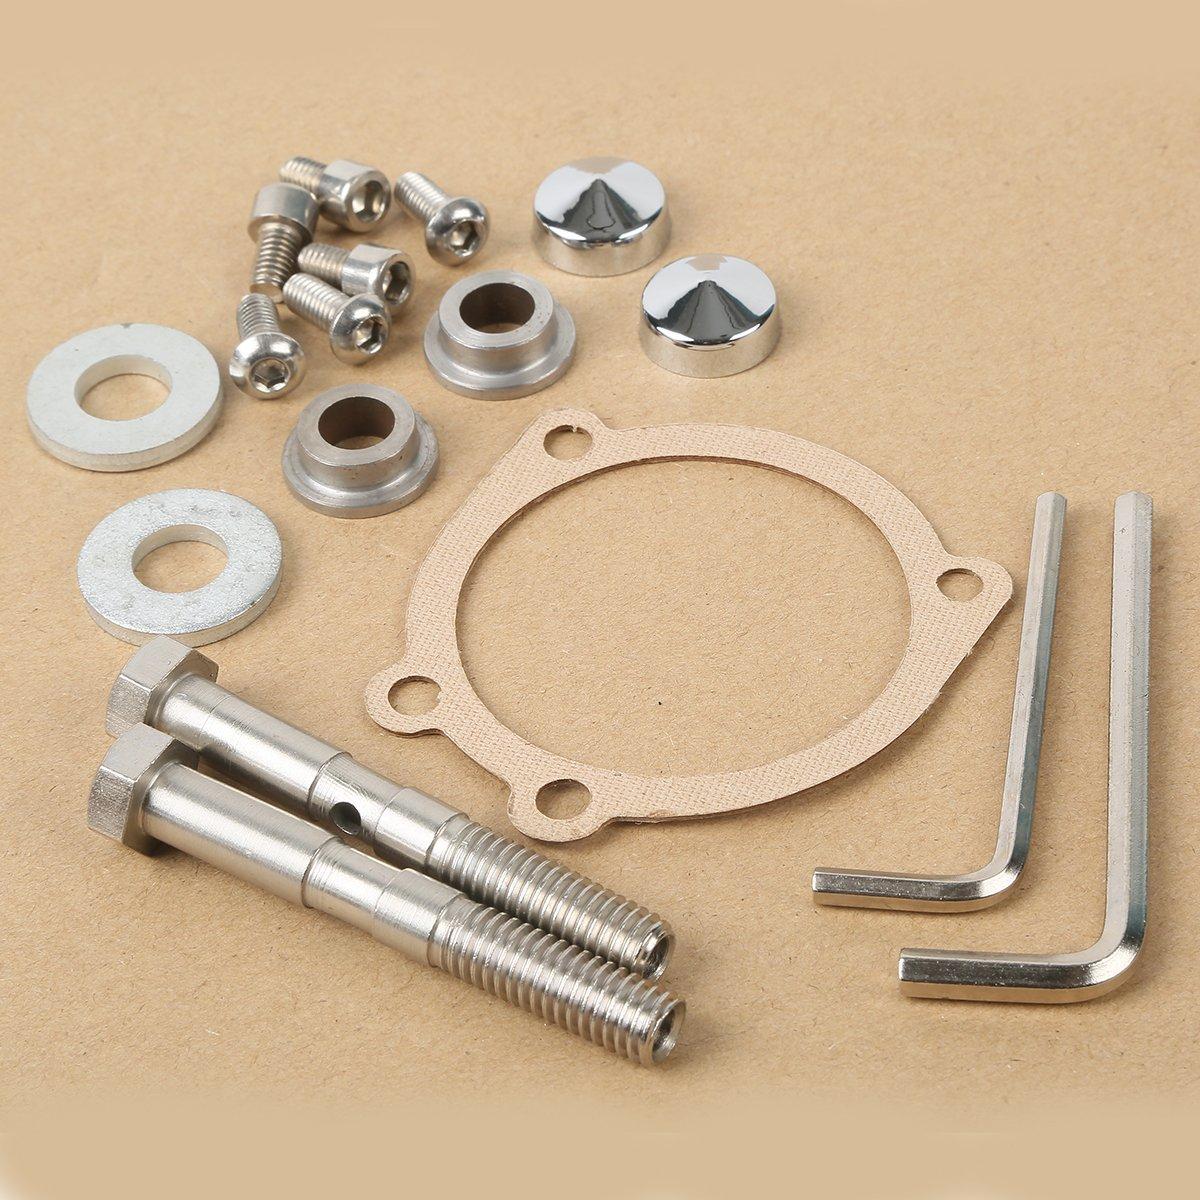 92049-1025 fits 92045-3707 ATVPC Pair of Front Wheel Bearing /& Seal Kits for Kawasaki Mule 2010 2020 2030 3010 2510 2500 2520 3000 4000 4010